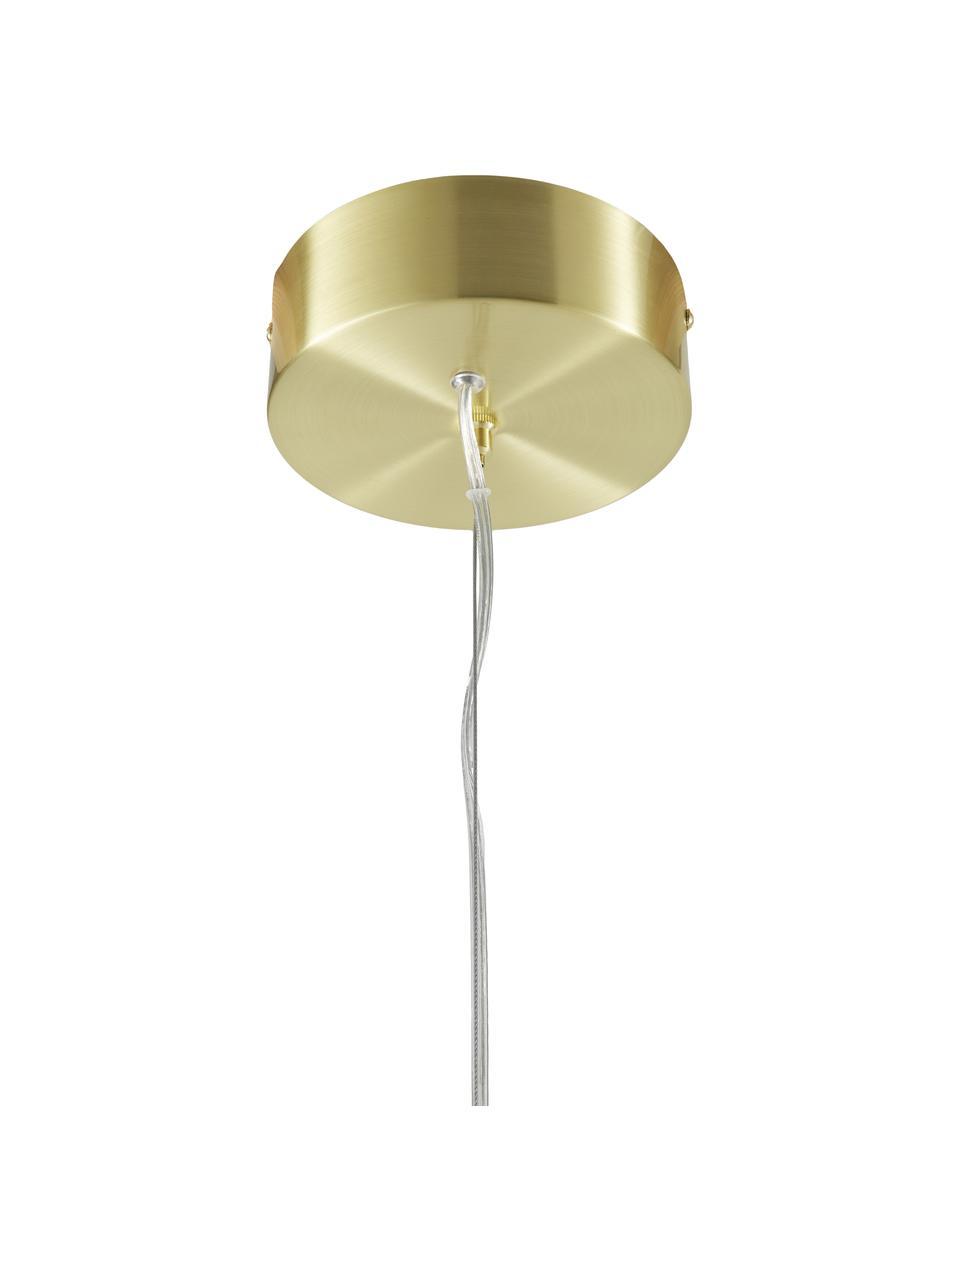 Grande suspension LED dorée Gratia, Couleur dorée